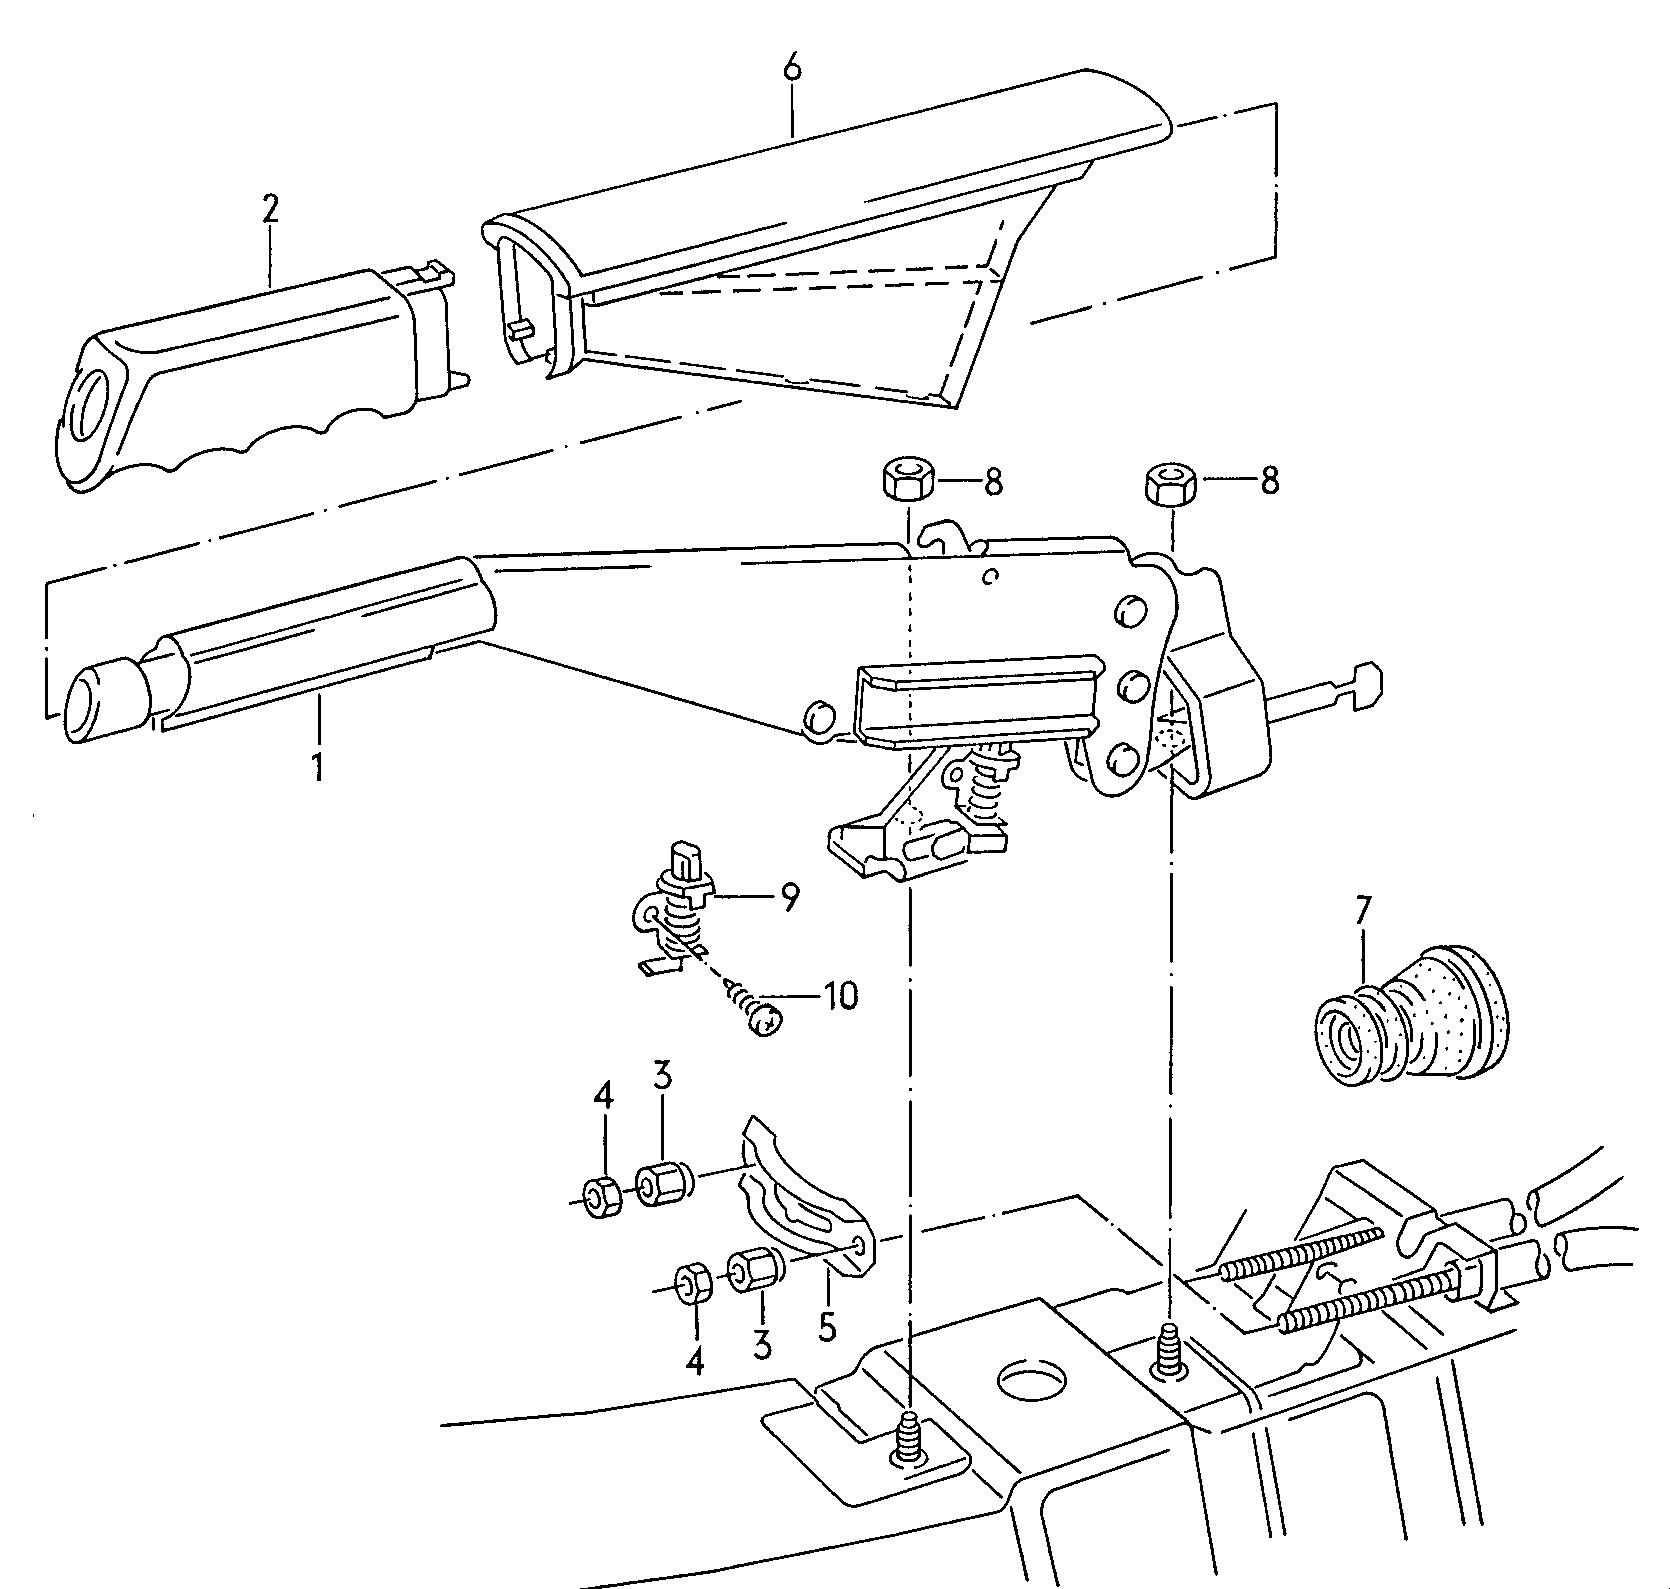 CORRADO ETKA PDF